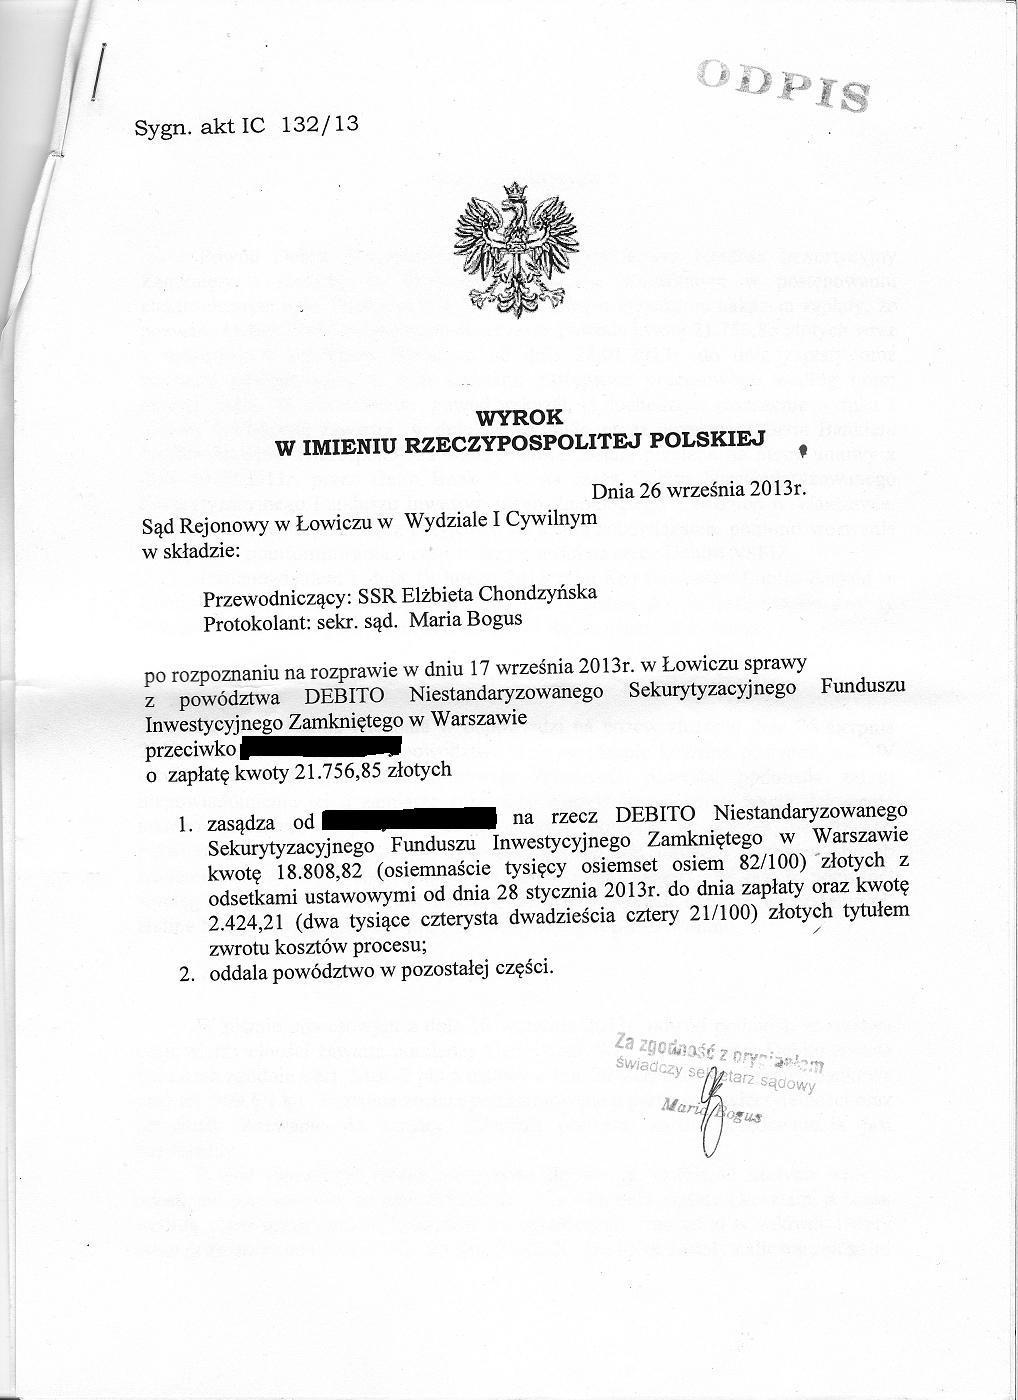 Jak Sędzia SR w Łowiczu Elżbieta Chondzyńska pisała uzasadnienie do nieistniejącego wyroku